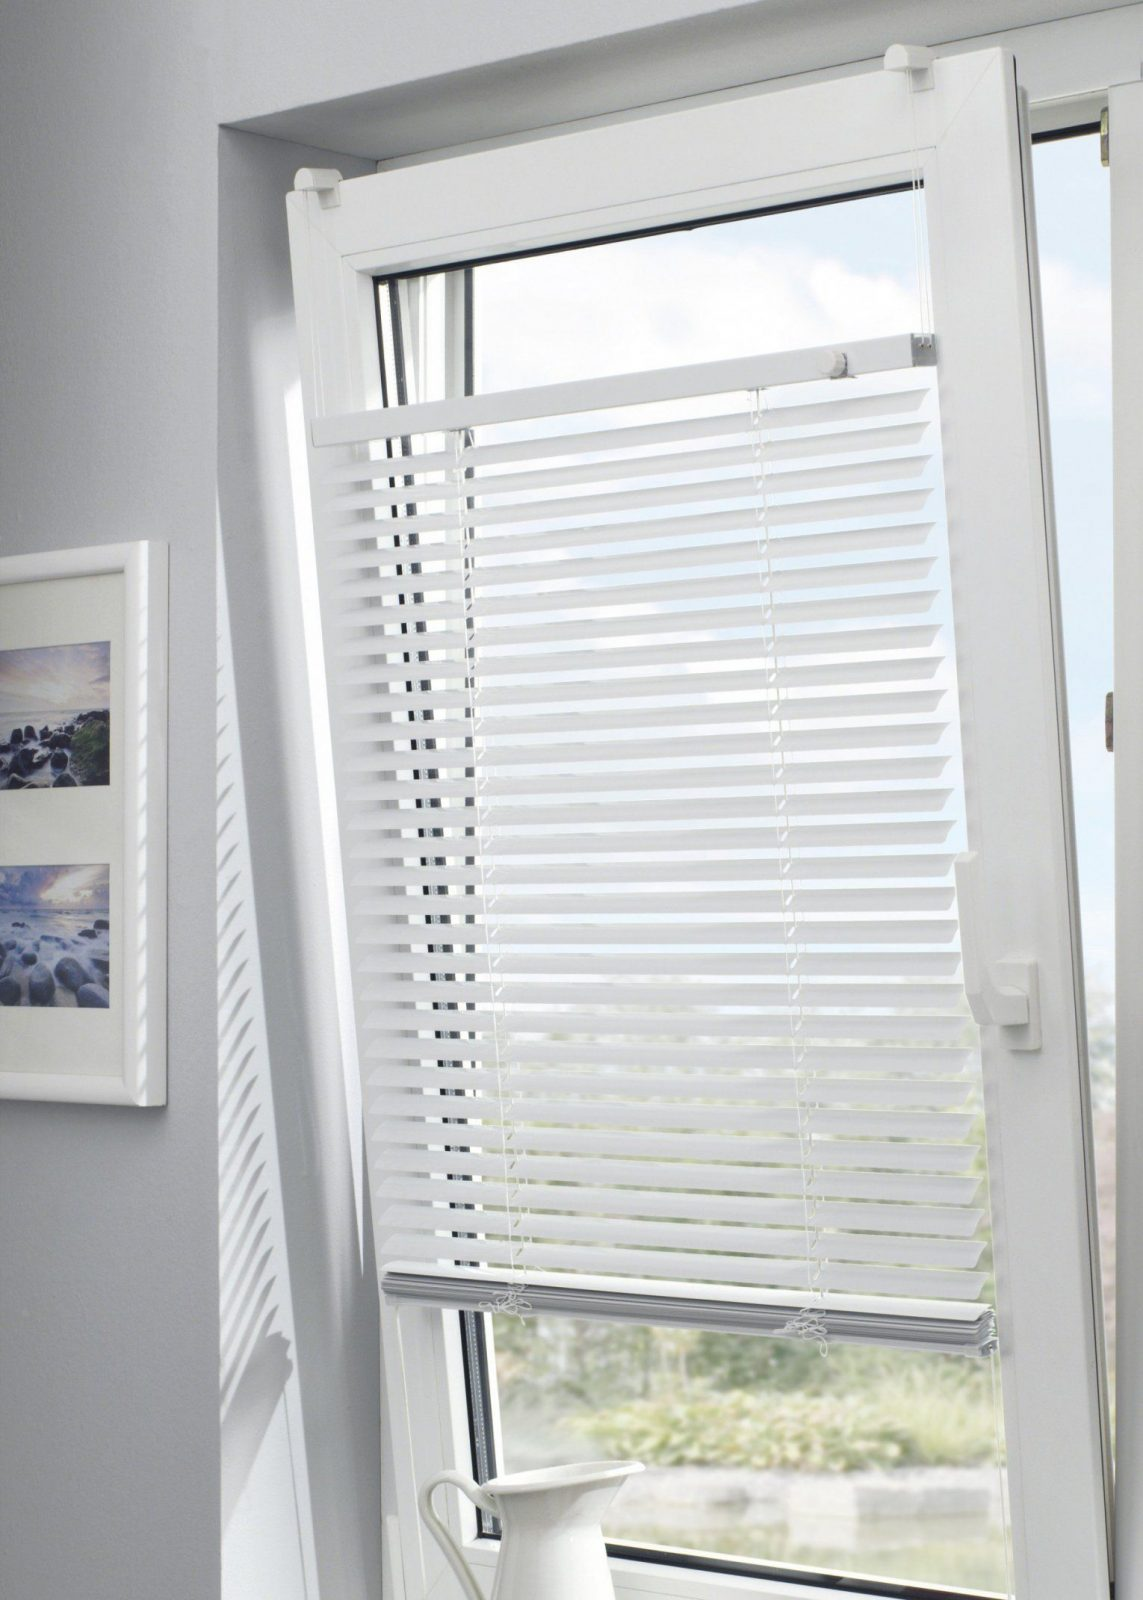 Fenster Rollos Für Innen Ohne Bohren Zq26 – Hitoiro von Fenster Rollos Innen Ohne Bohren Photo